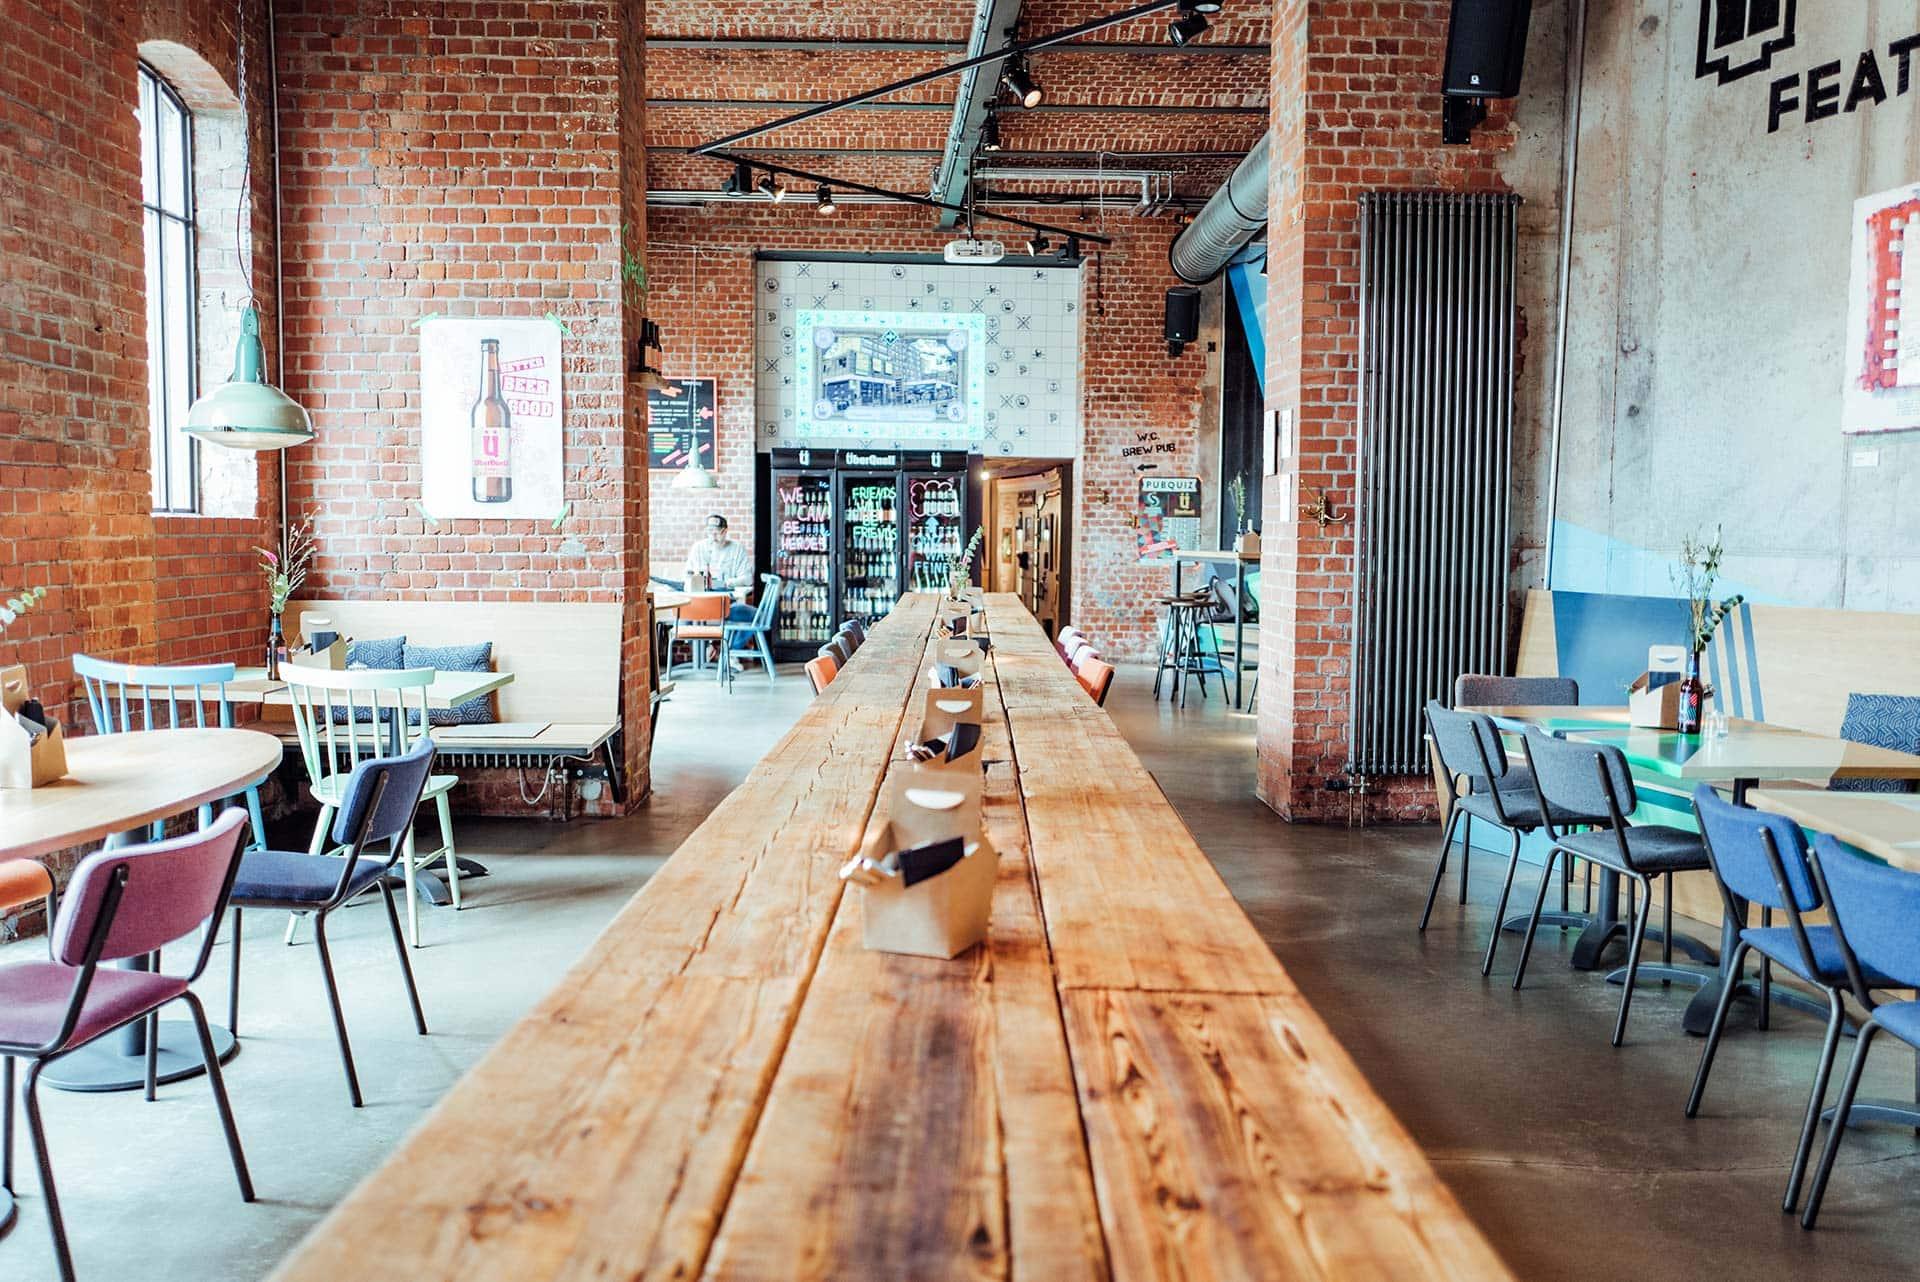 TasteTours Ueberquell Pizza Craftbeer Riverkasematten Fotocredit GeheimtippHamburg - So nachhaltig kann Craft Beer sein!